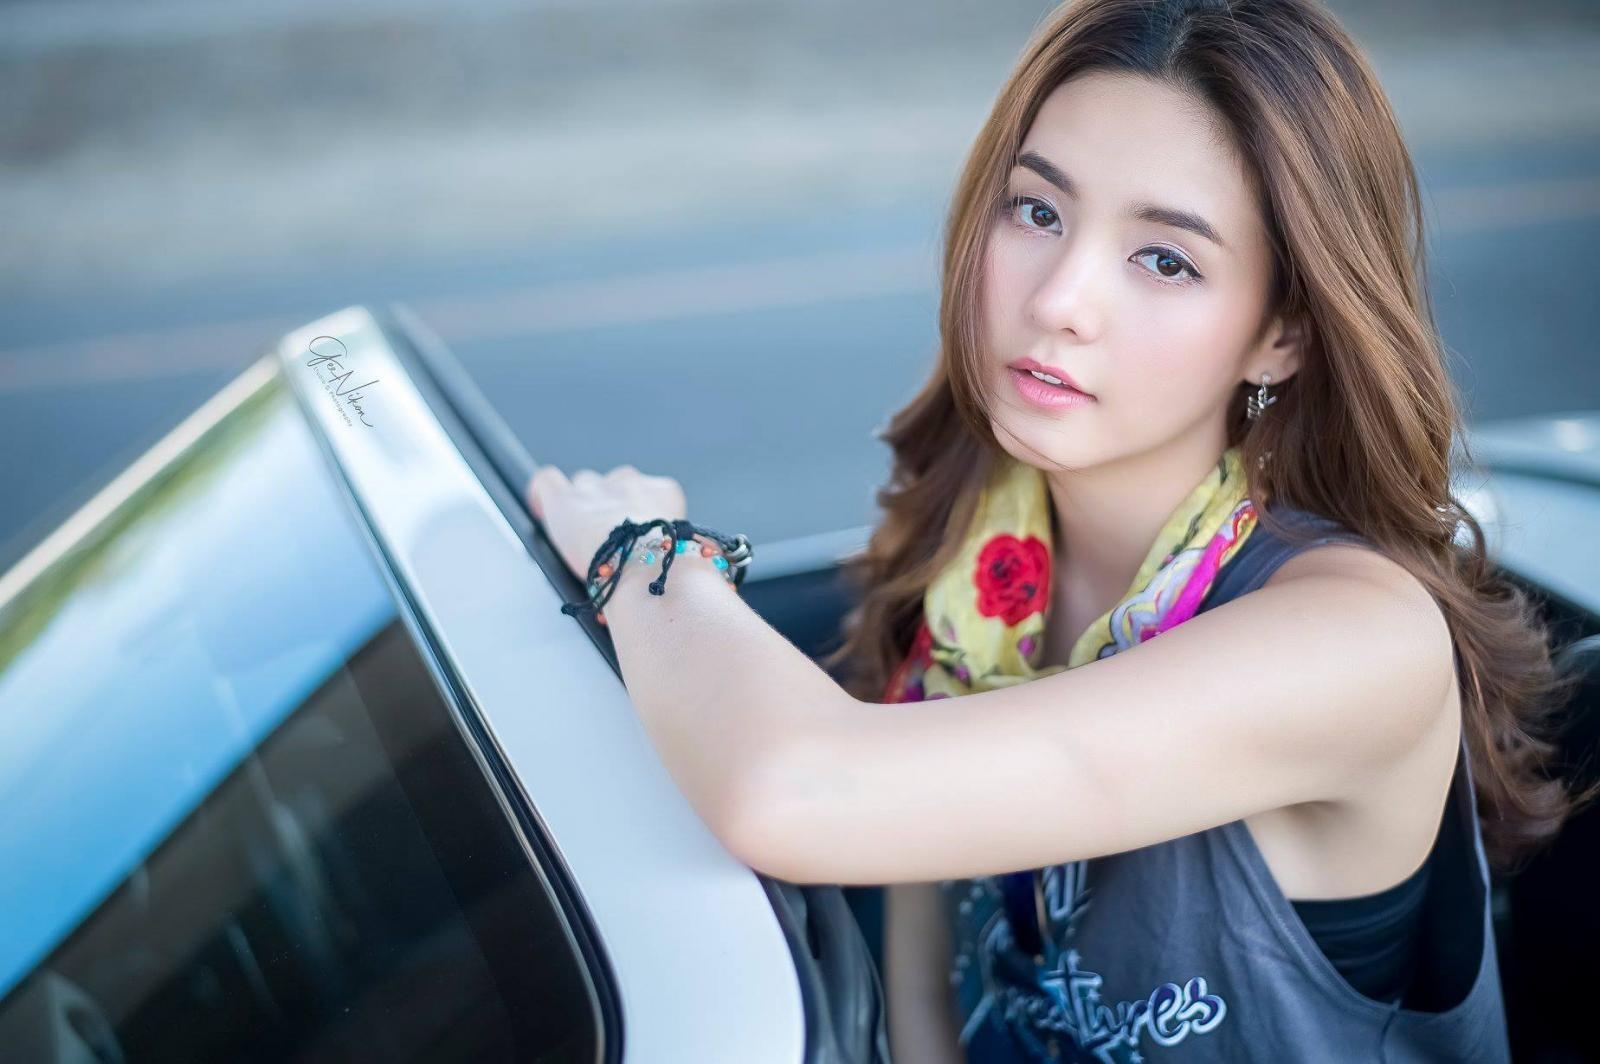 Tim đập loạn nhịp trước người đẹp Thái Lan bên Mazda mui trần - 12